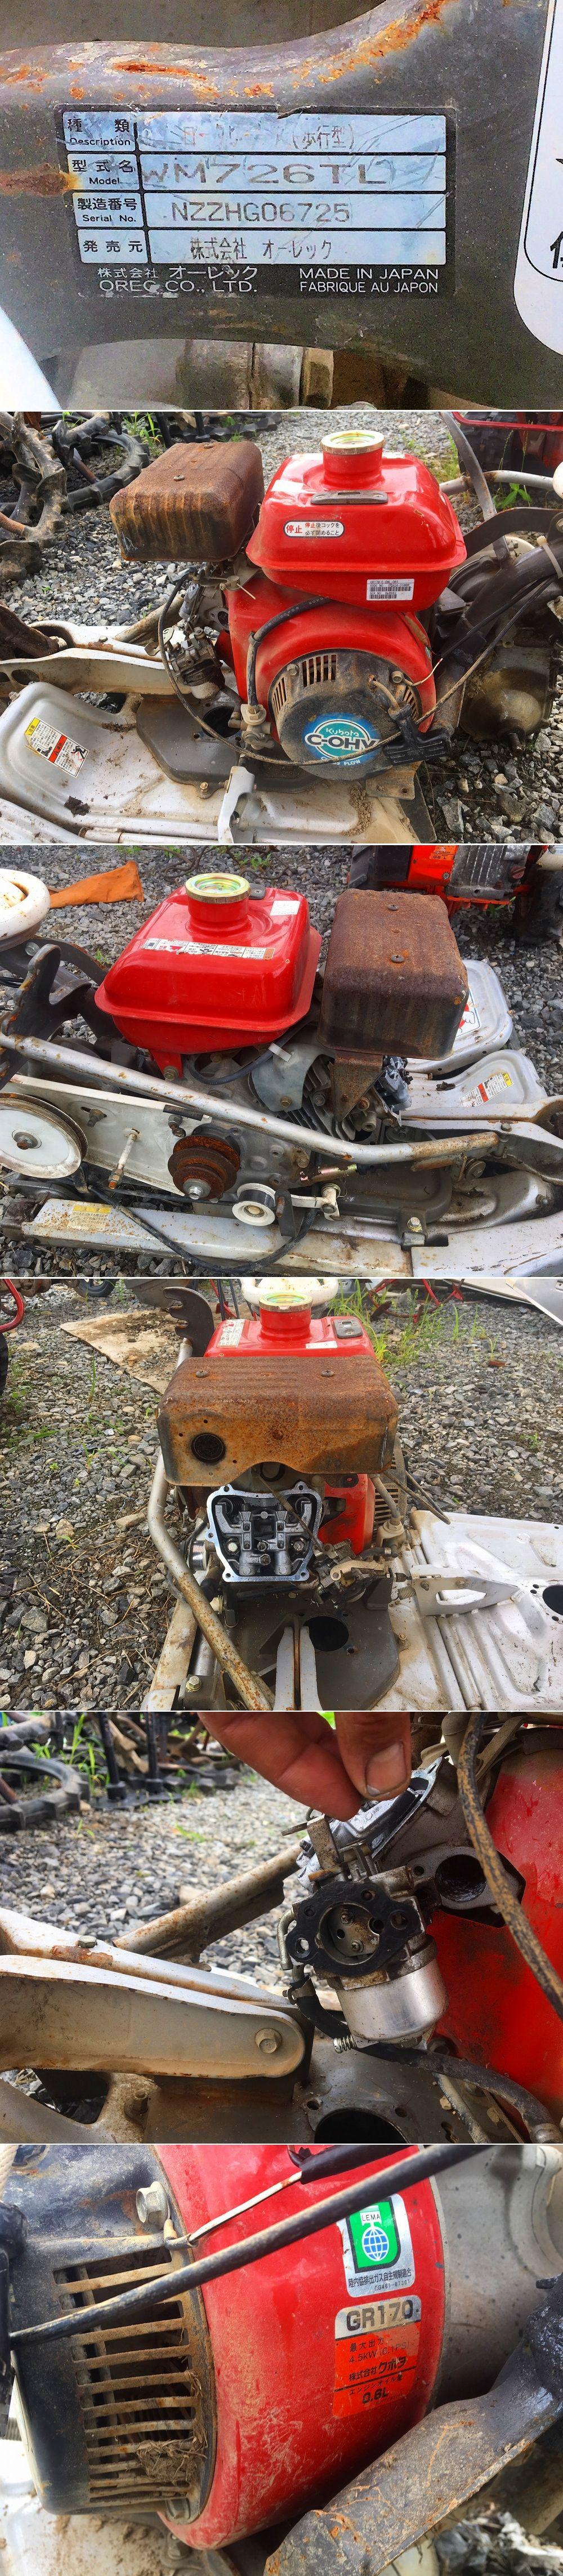 ウィングモア 減速型 クボタ GR170 ガソリンエンジン 1式